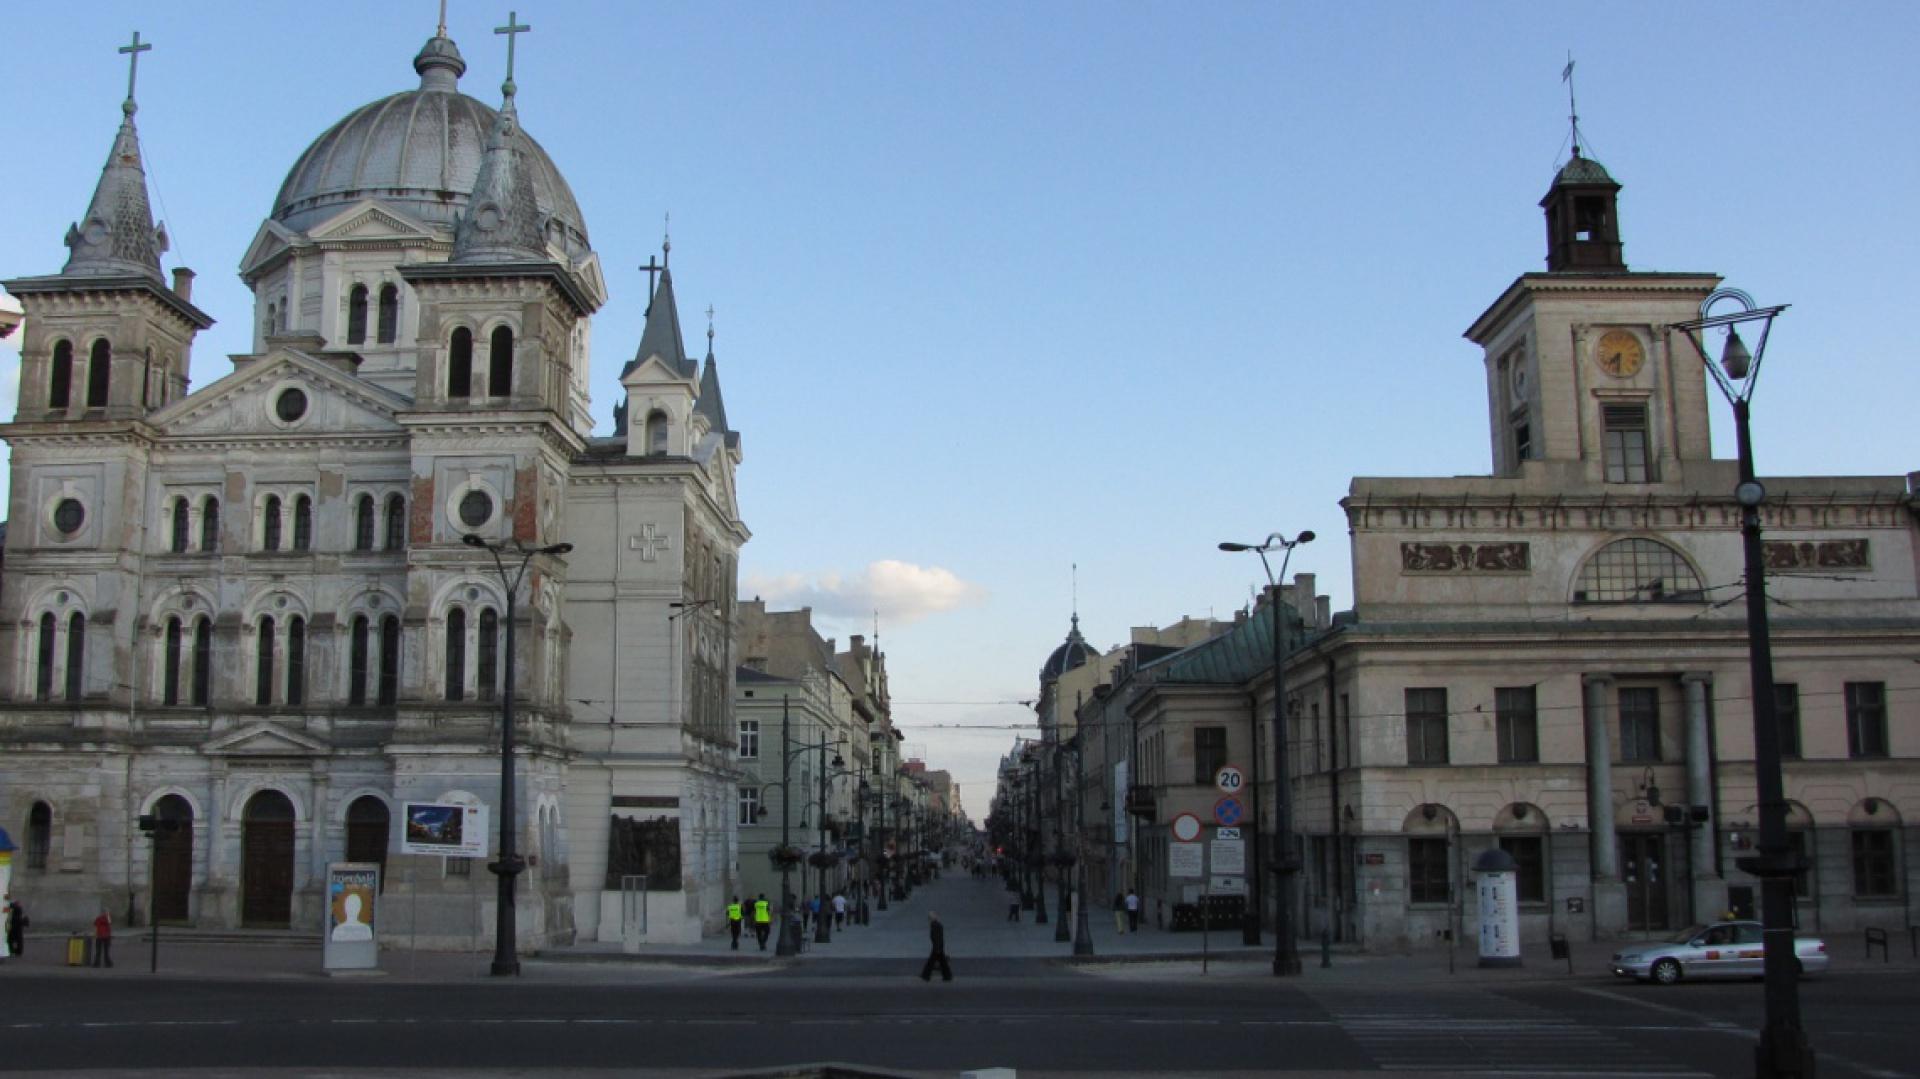 Kościół przy pl. Wolności jeszcze przed remontem, autor: Marcin Polak, źródło: flickr.com (CC BY 2.0)